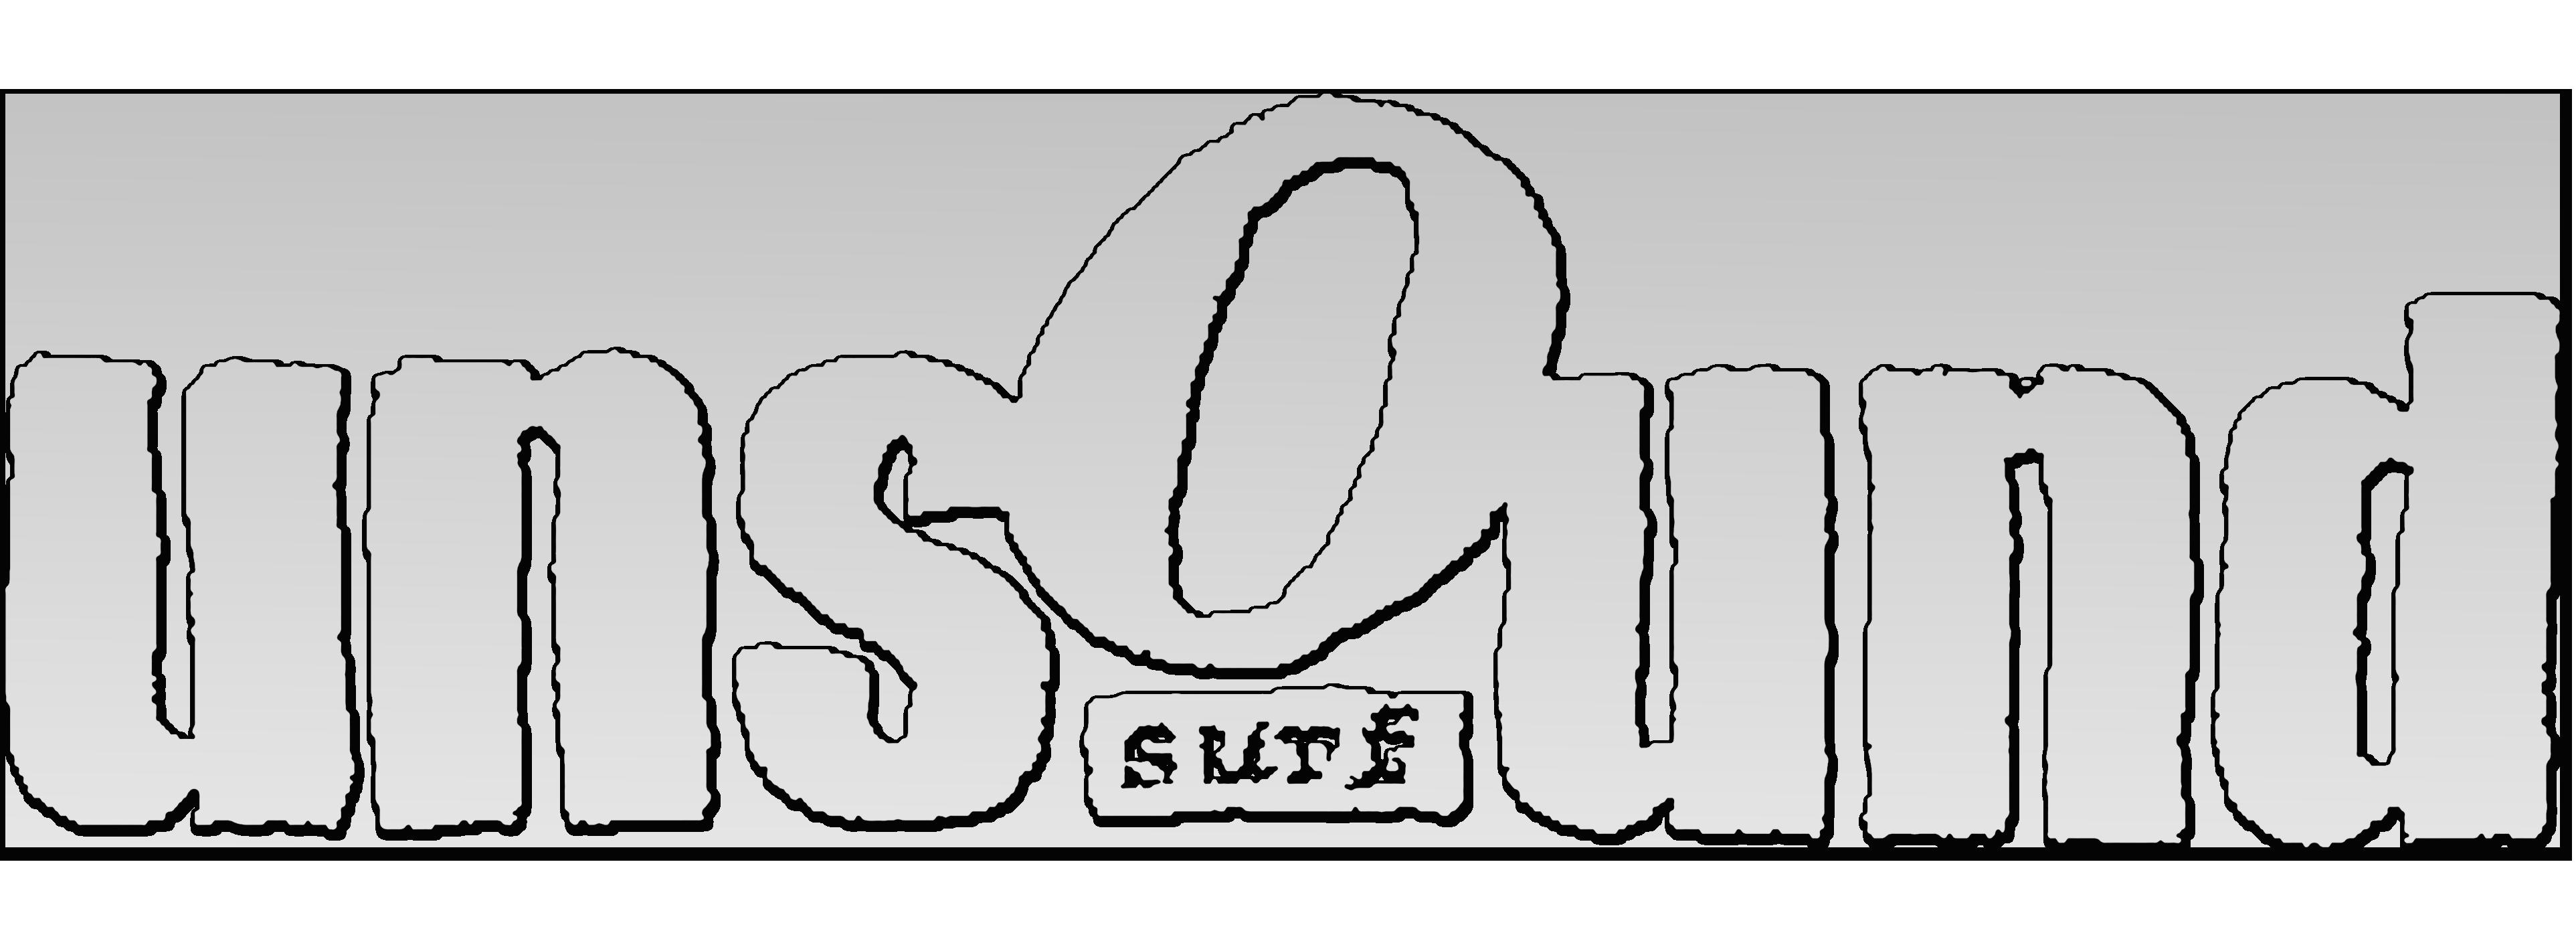 Unsound Surf